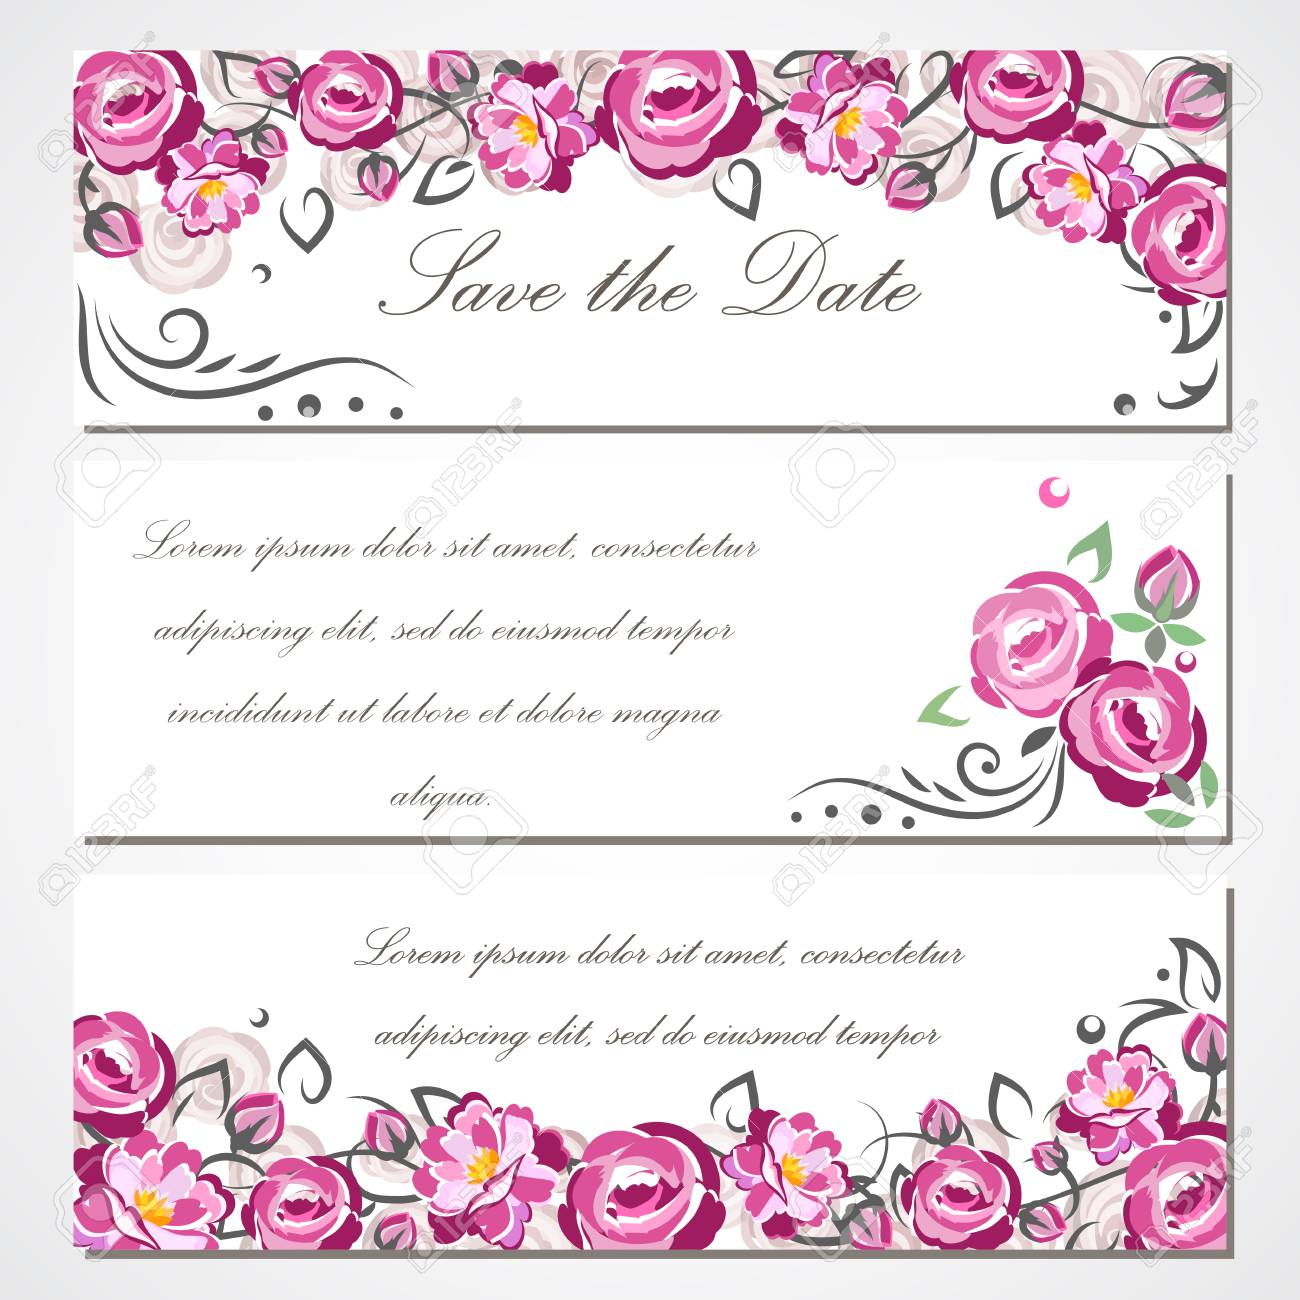 Tarjeta De Invitación Con Rosas Para Boda Matrimonio Cumpleaños Día De San Valentín Para Su Diseño